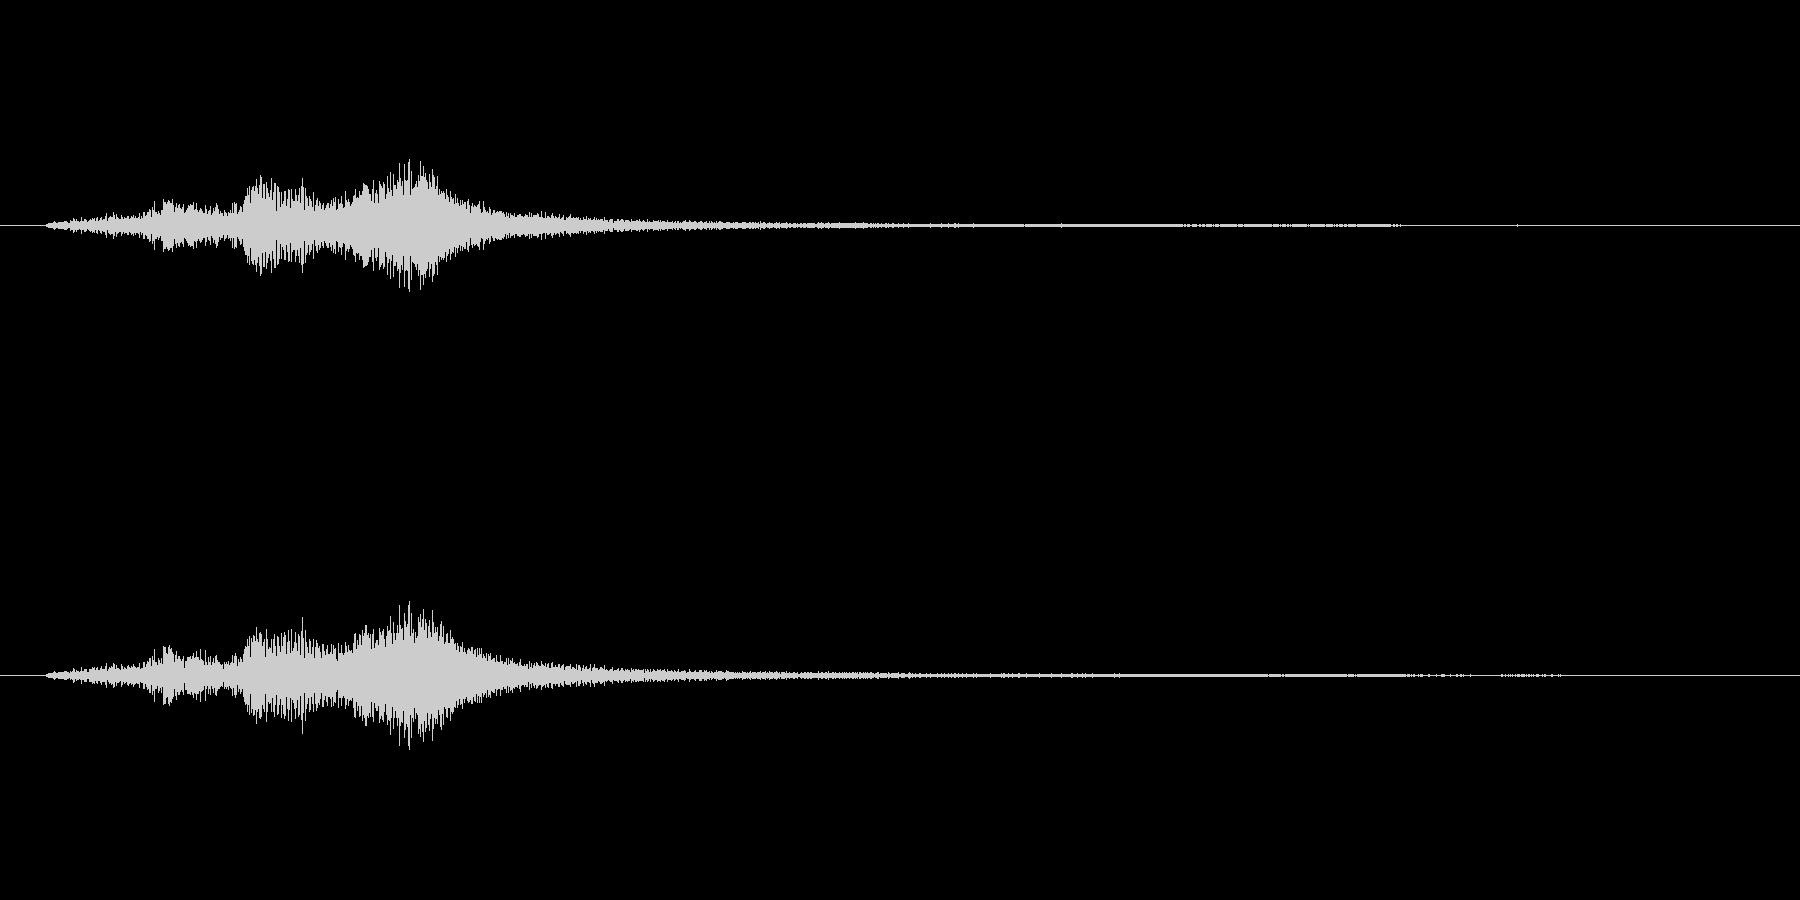 ハープグリッサンド上行3回~Bbの未再生の波形